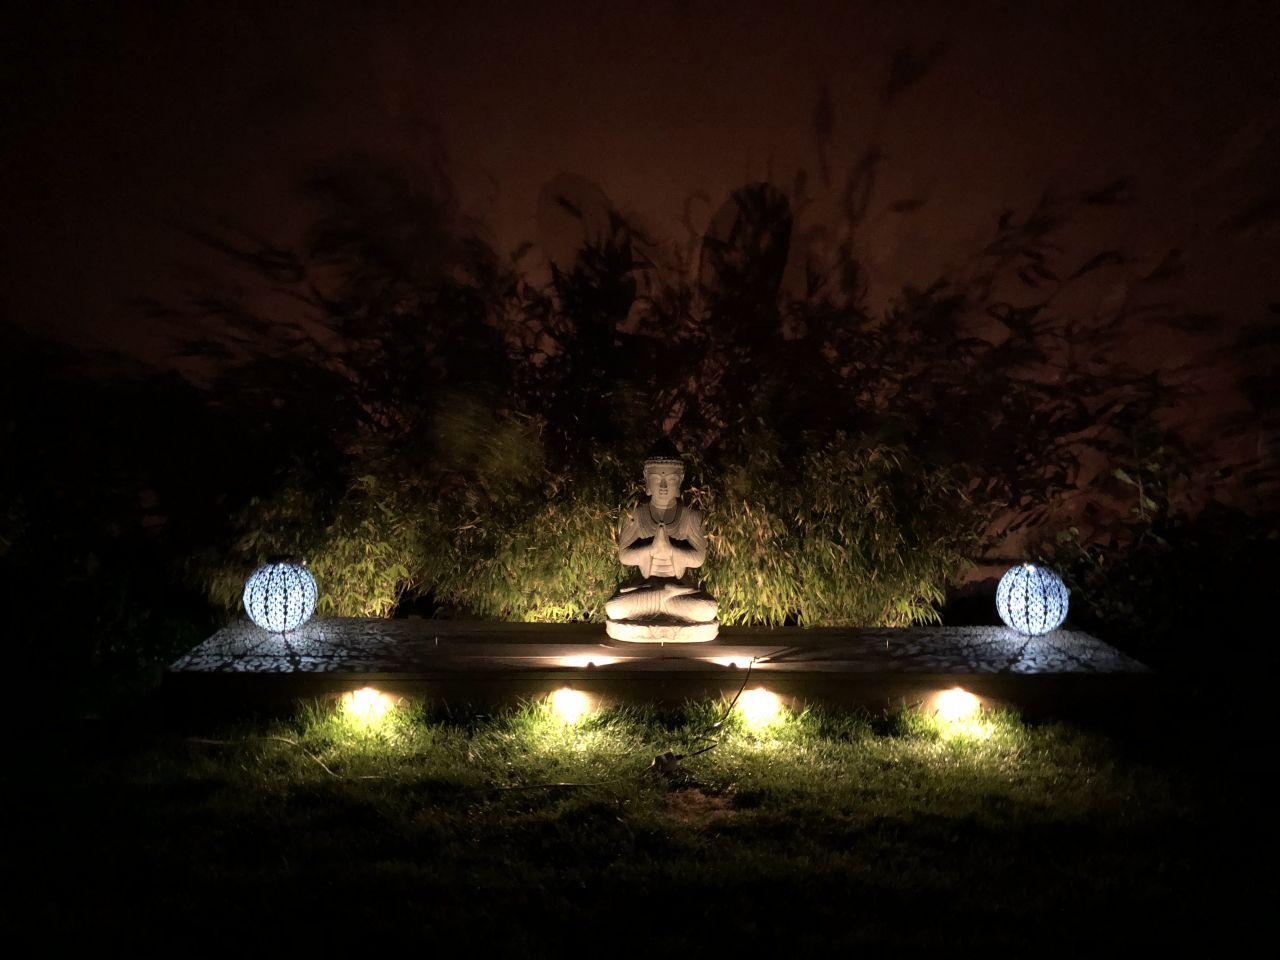 Positionnement des spot led du bouddha